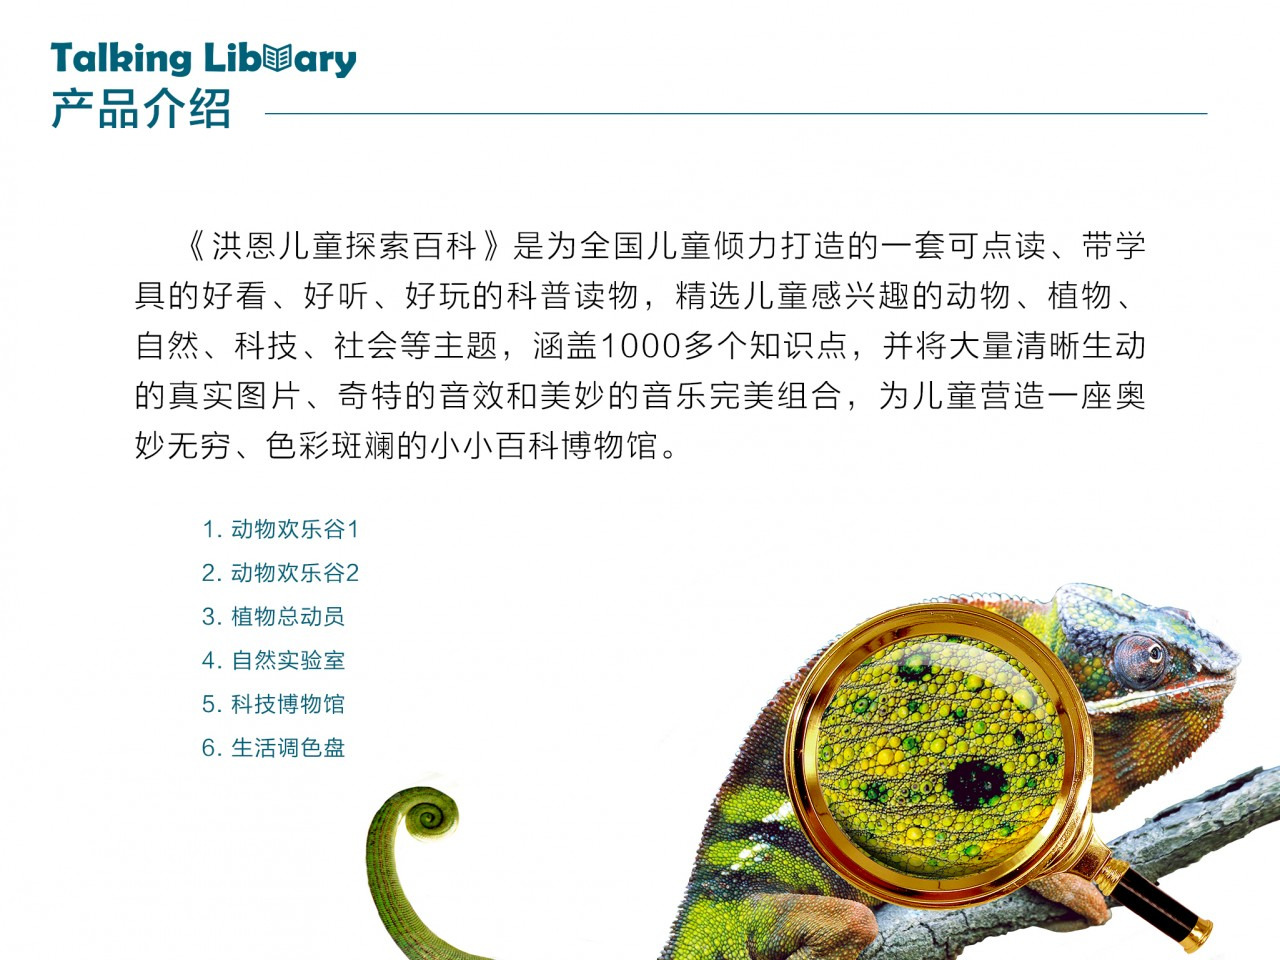 17-1百科 产品介绍